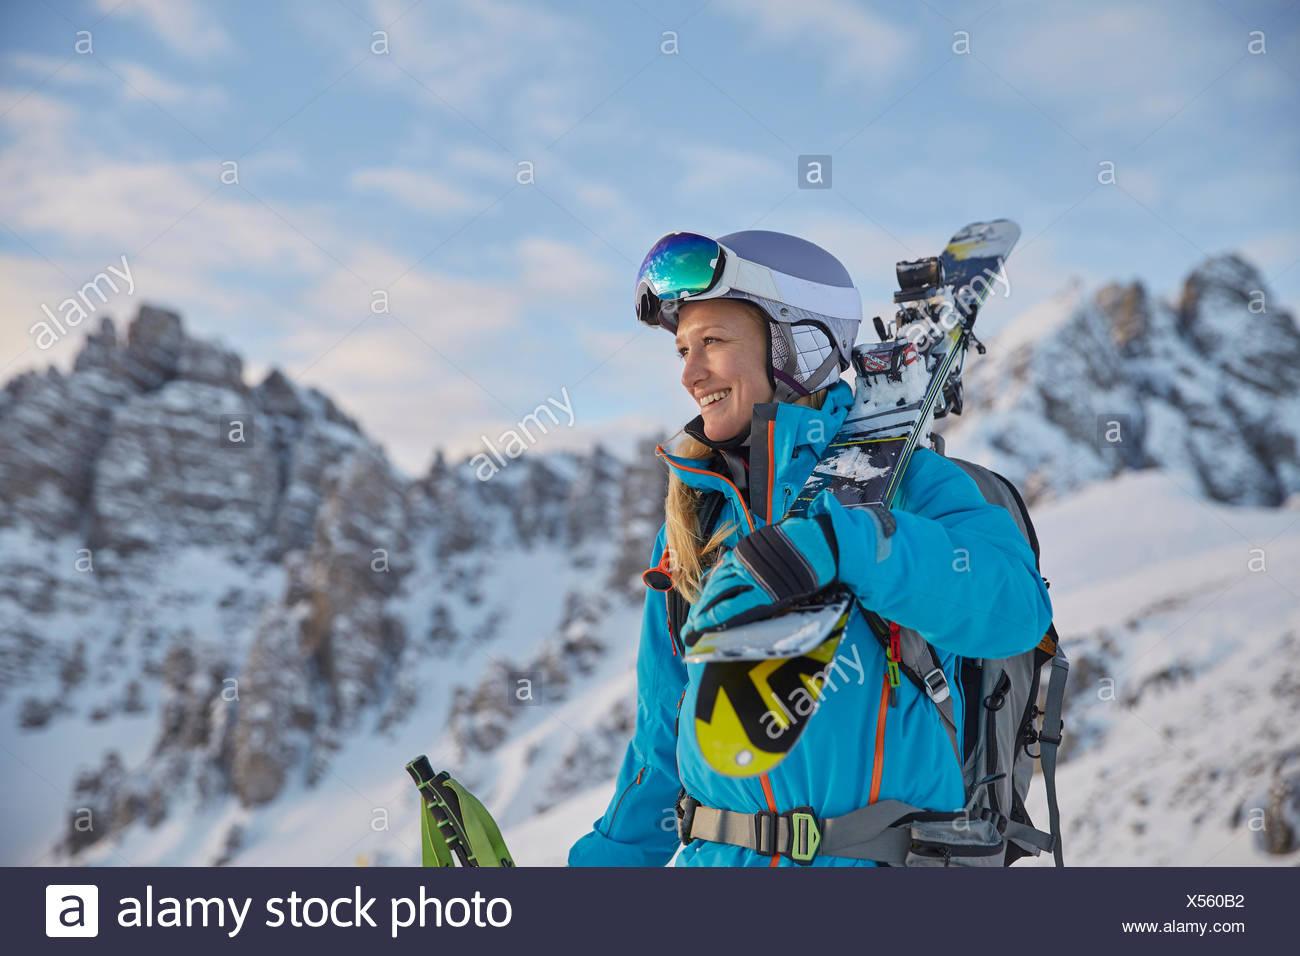 Skier, freerider with ski goggles and helmet, Kalkkögel behind, Axamer Lizum, Tyrol, Austria - Stock Image